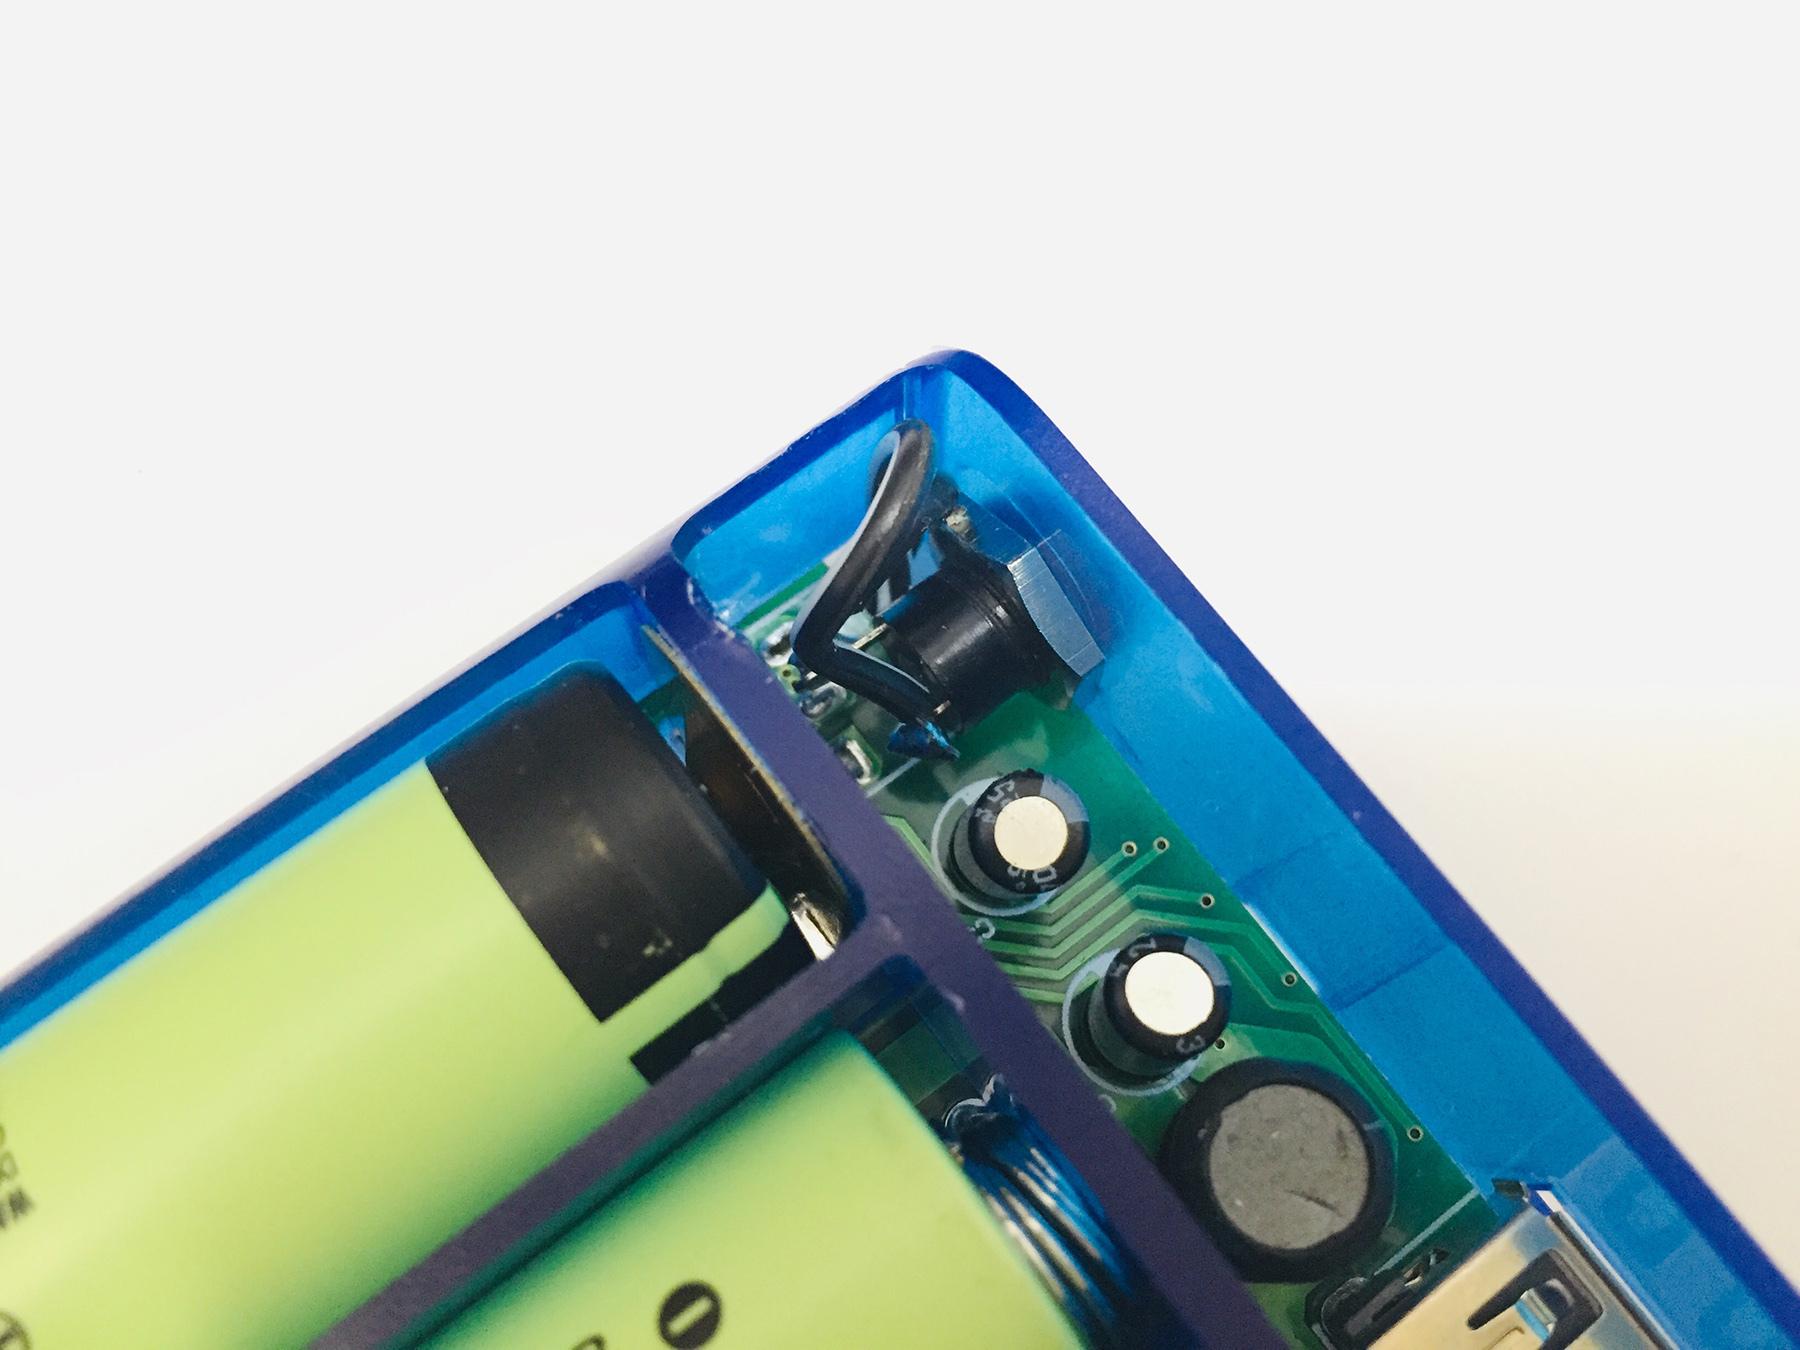 18650型電池3本ケースを改造_c0077964_20132356.jpg